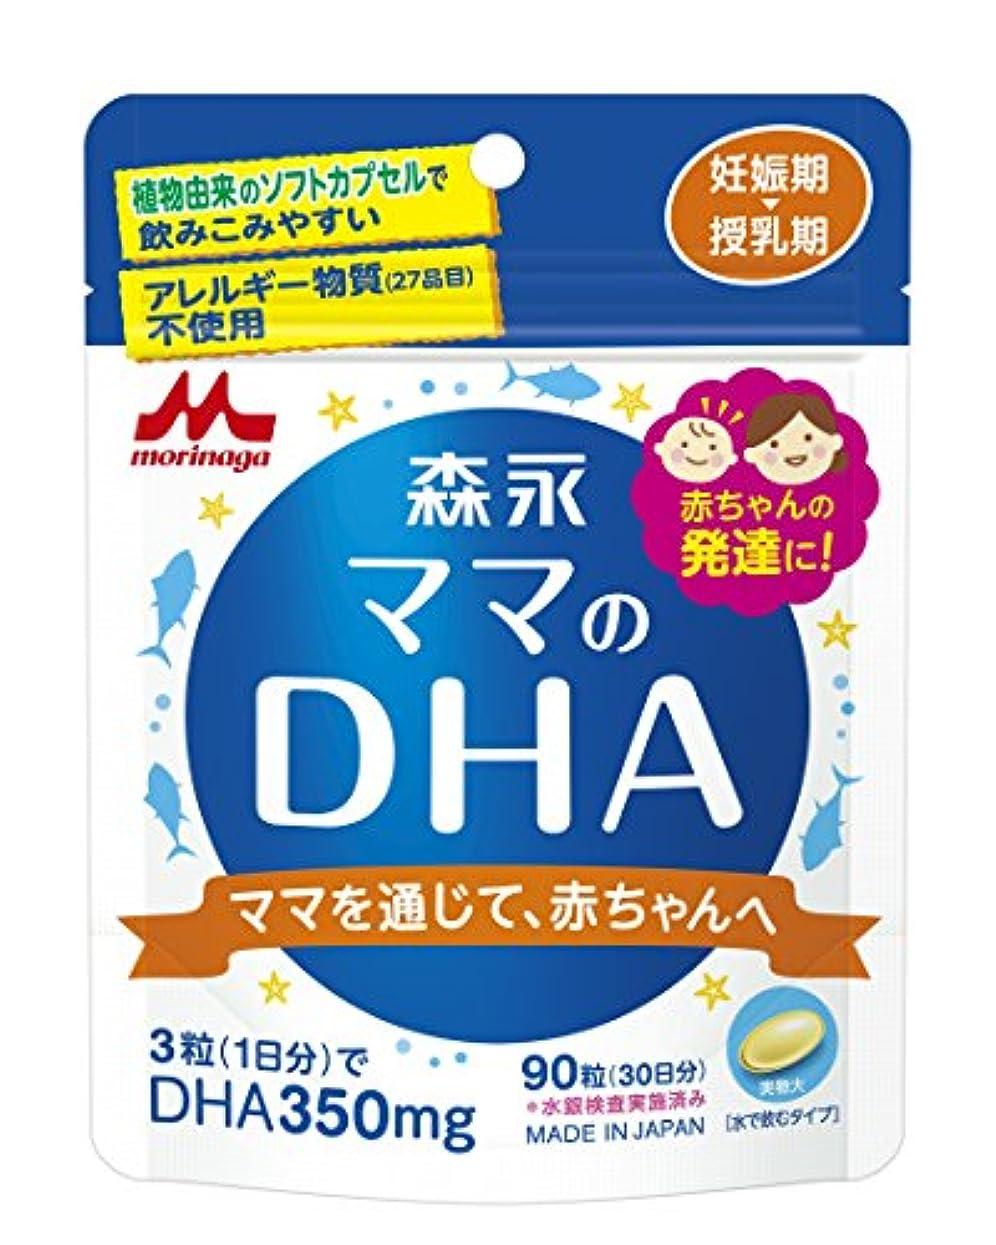 弁護士ズームお母さん森永 ママのDHA 90粒入 (約30日分) 妊娠期~授乳期